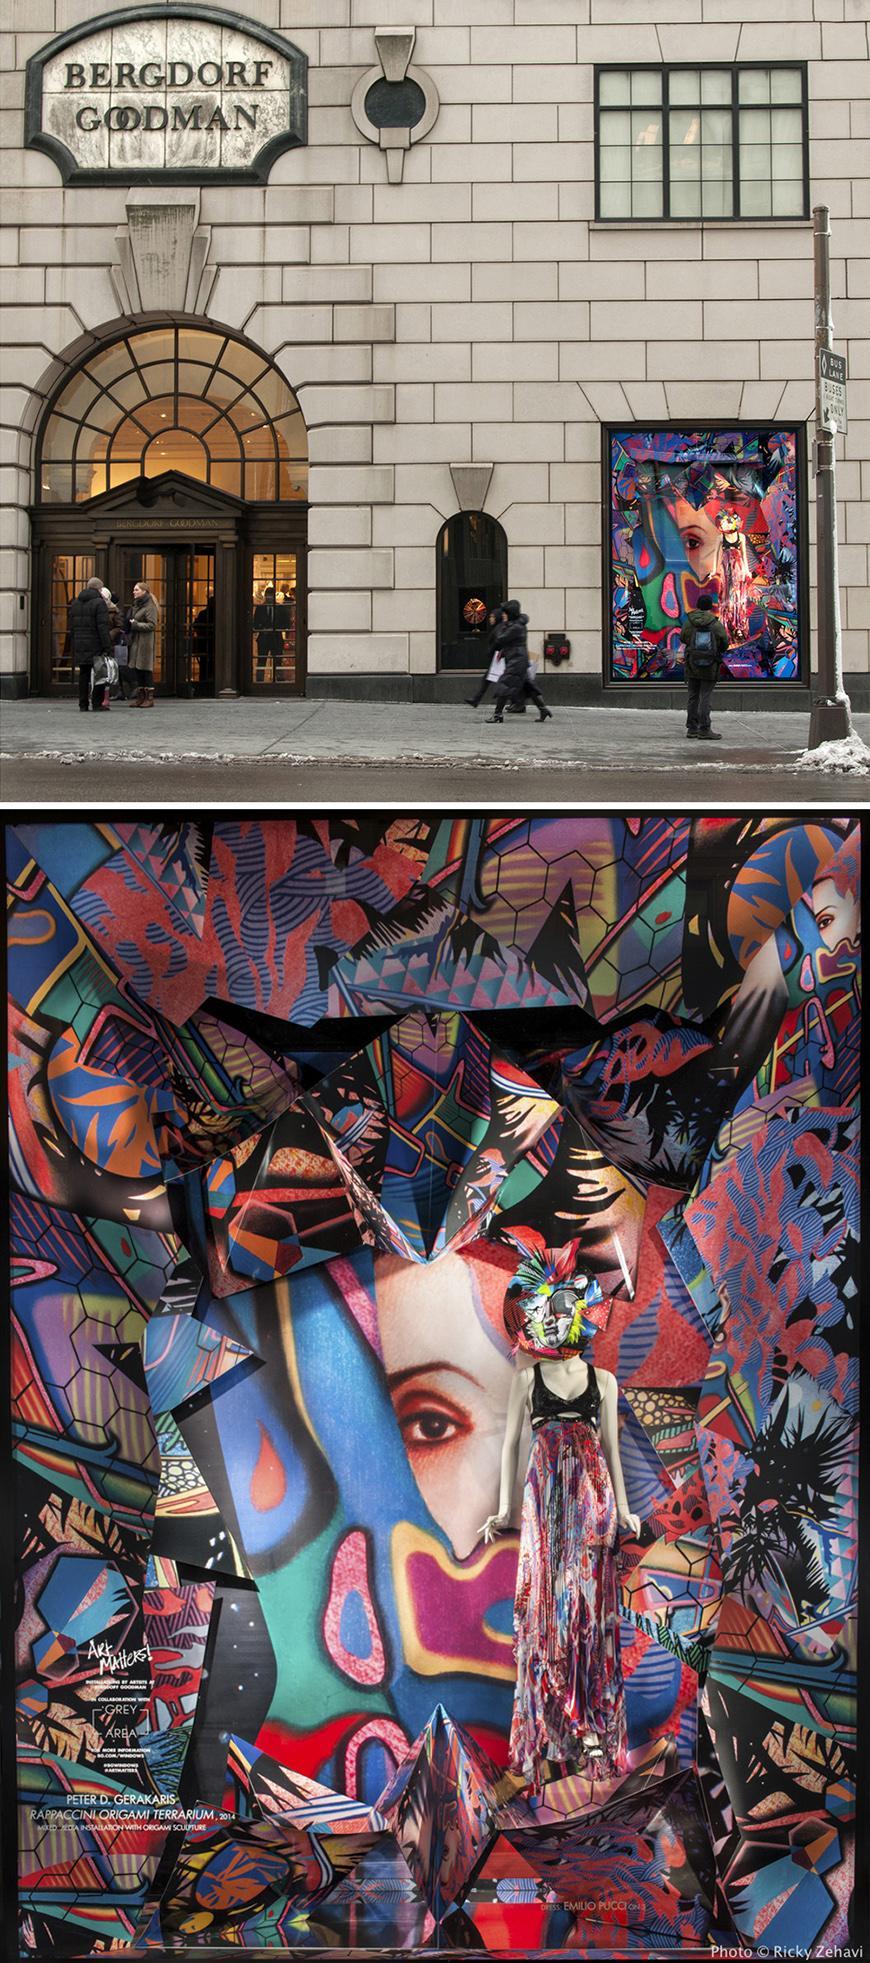 Work by Peter Gerakaris